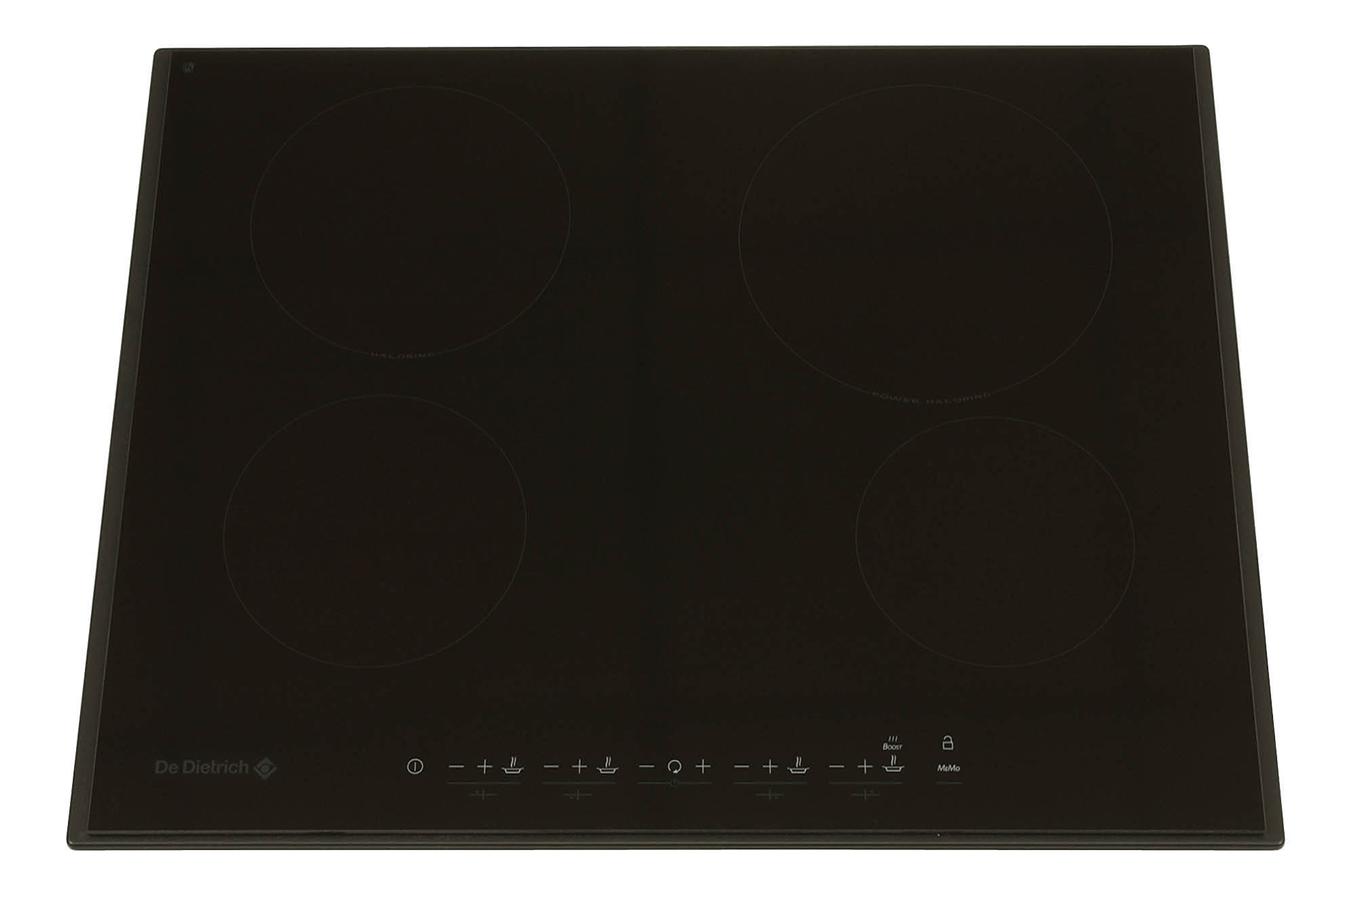 Plaque vitroc ramique de dietrich dtv 725 b noir dtv725 2496950 darty - Table de cuisson vitroceramique de dietrich ...